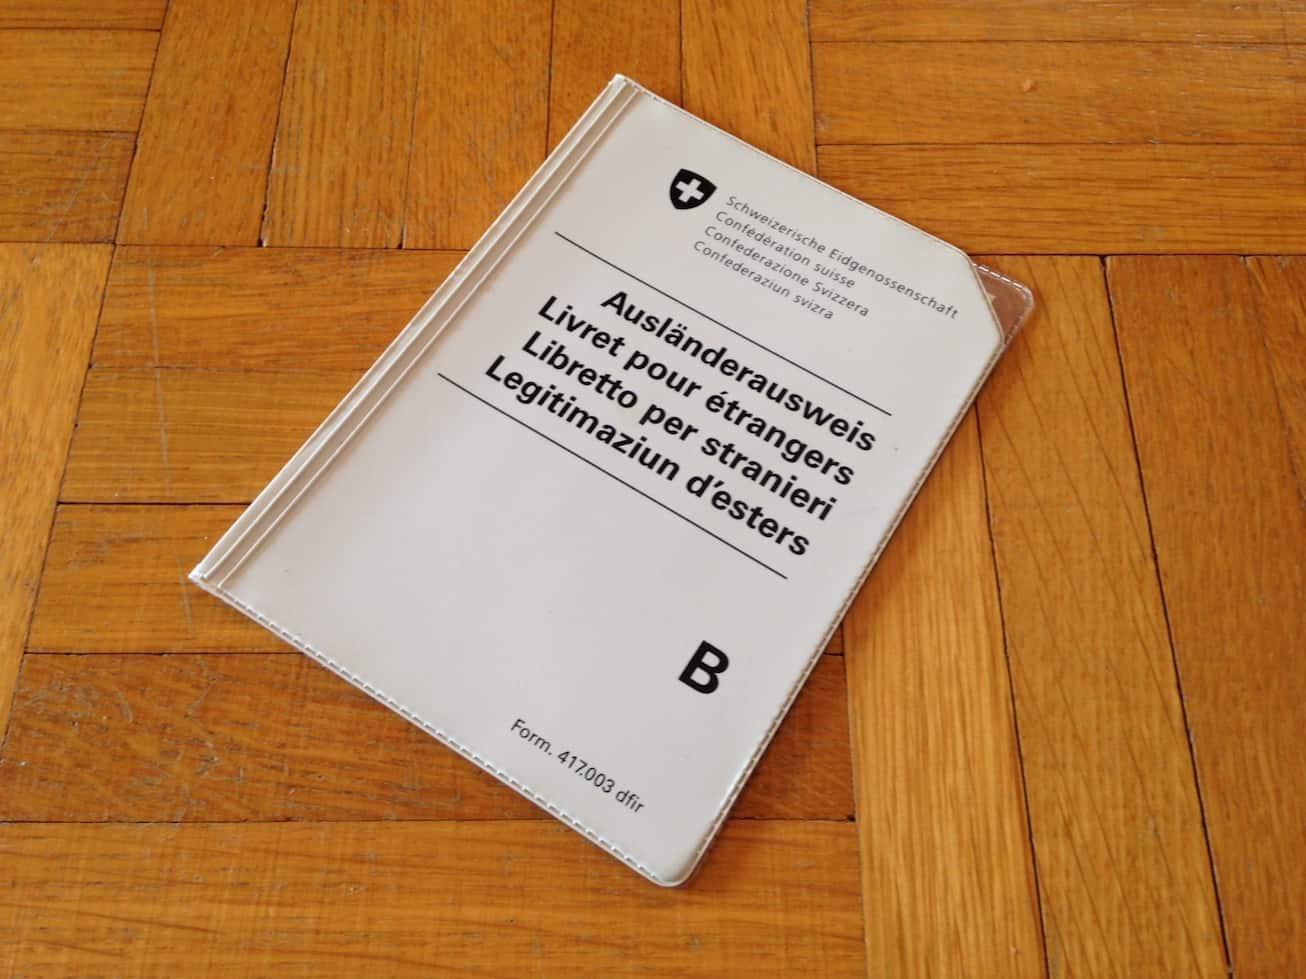 Swiss B permit